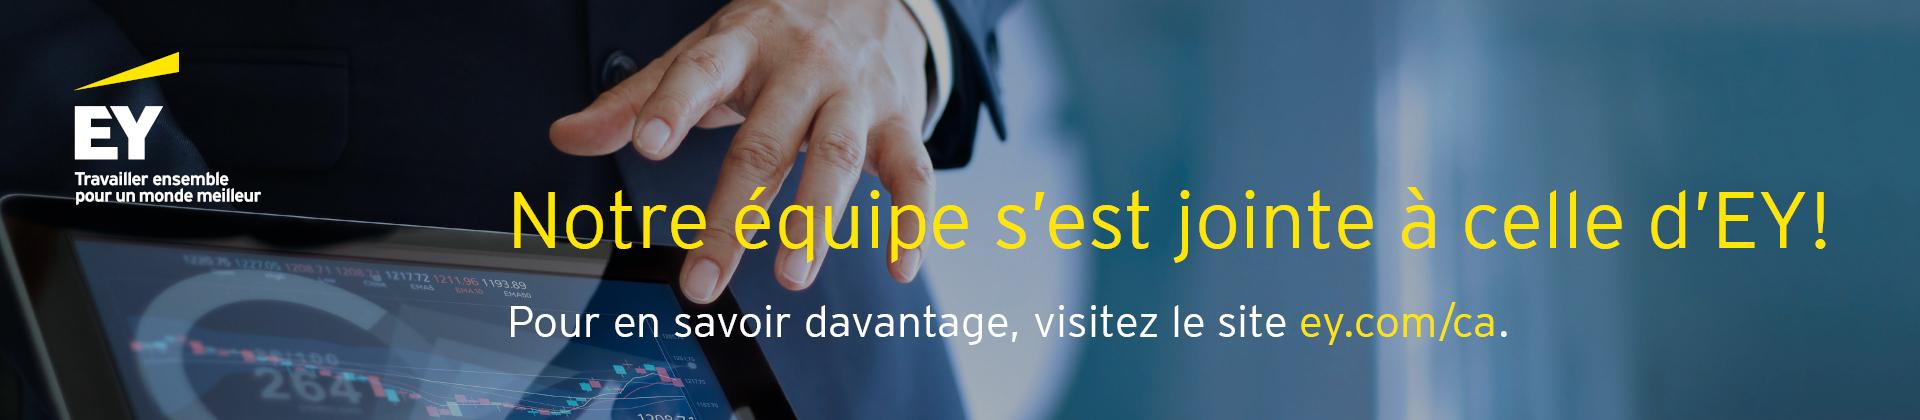 WebsiteBanner_French